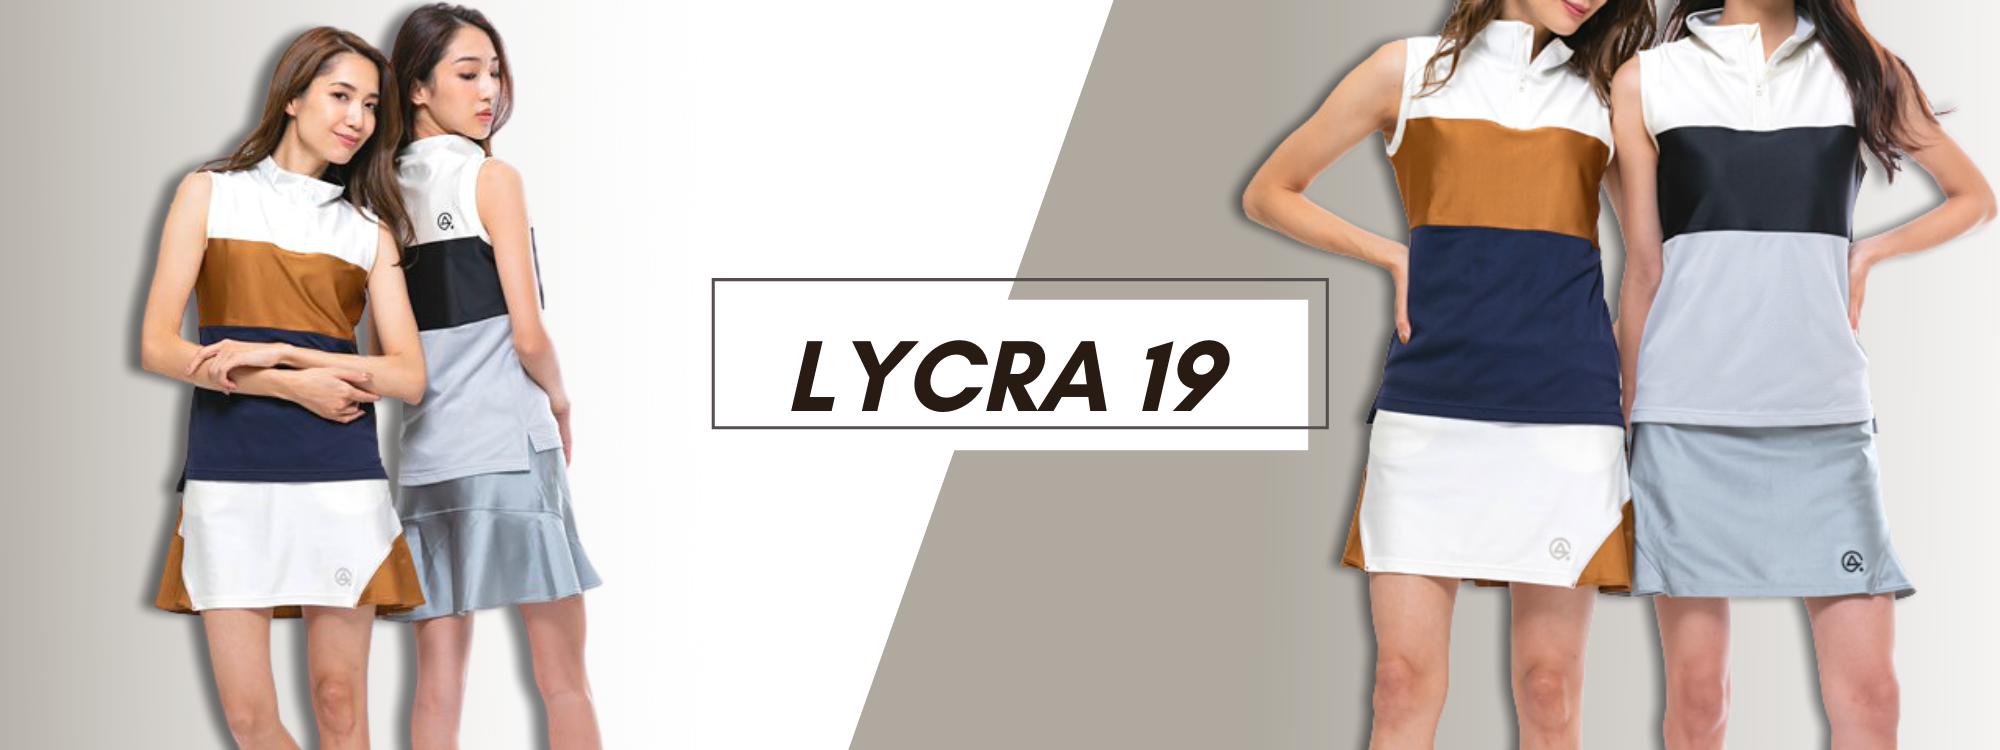 LYCRA19